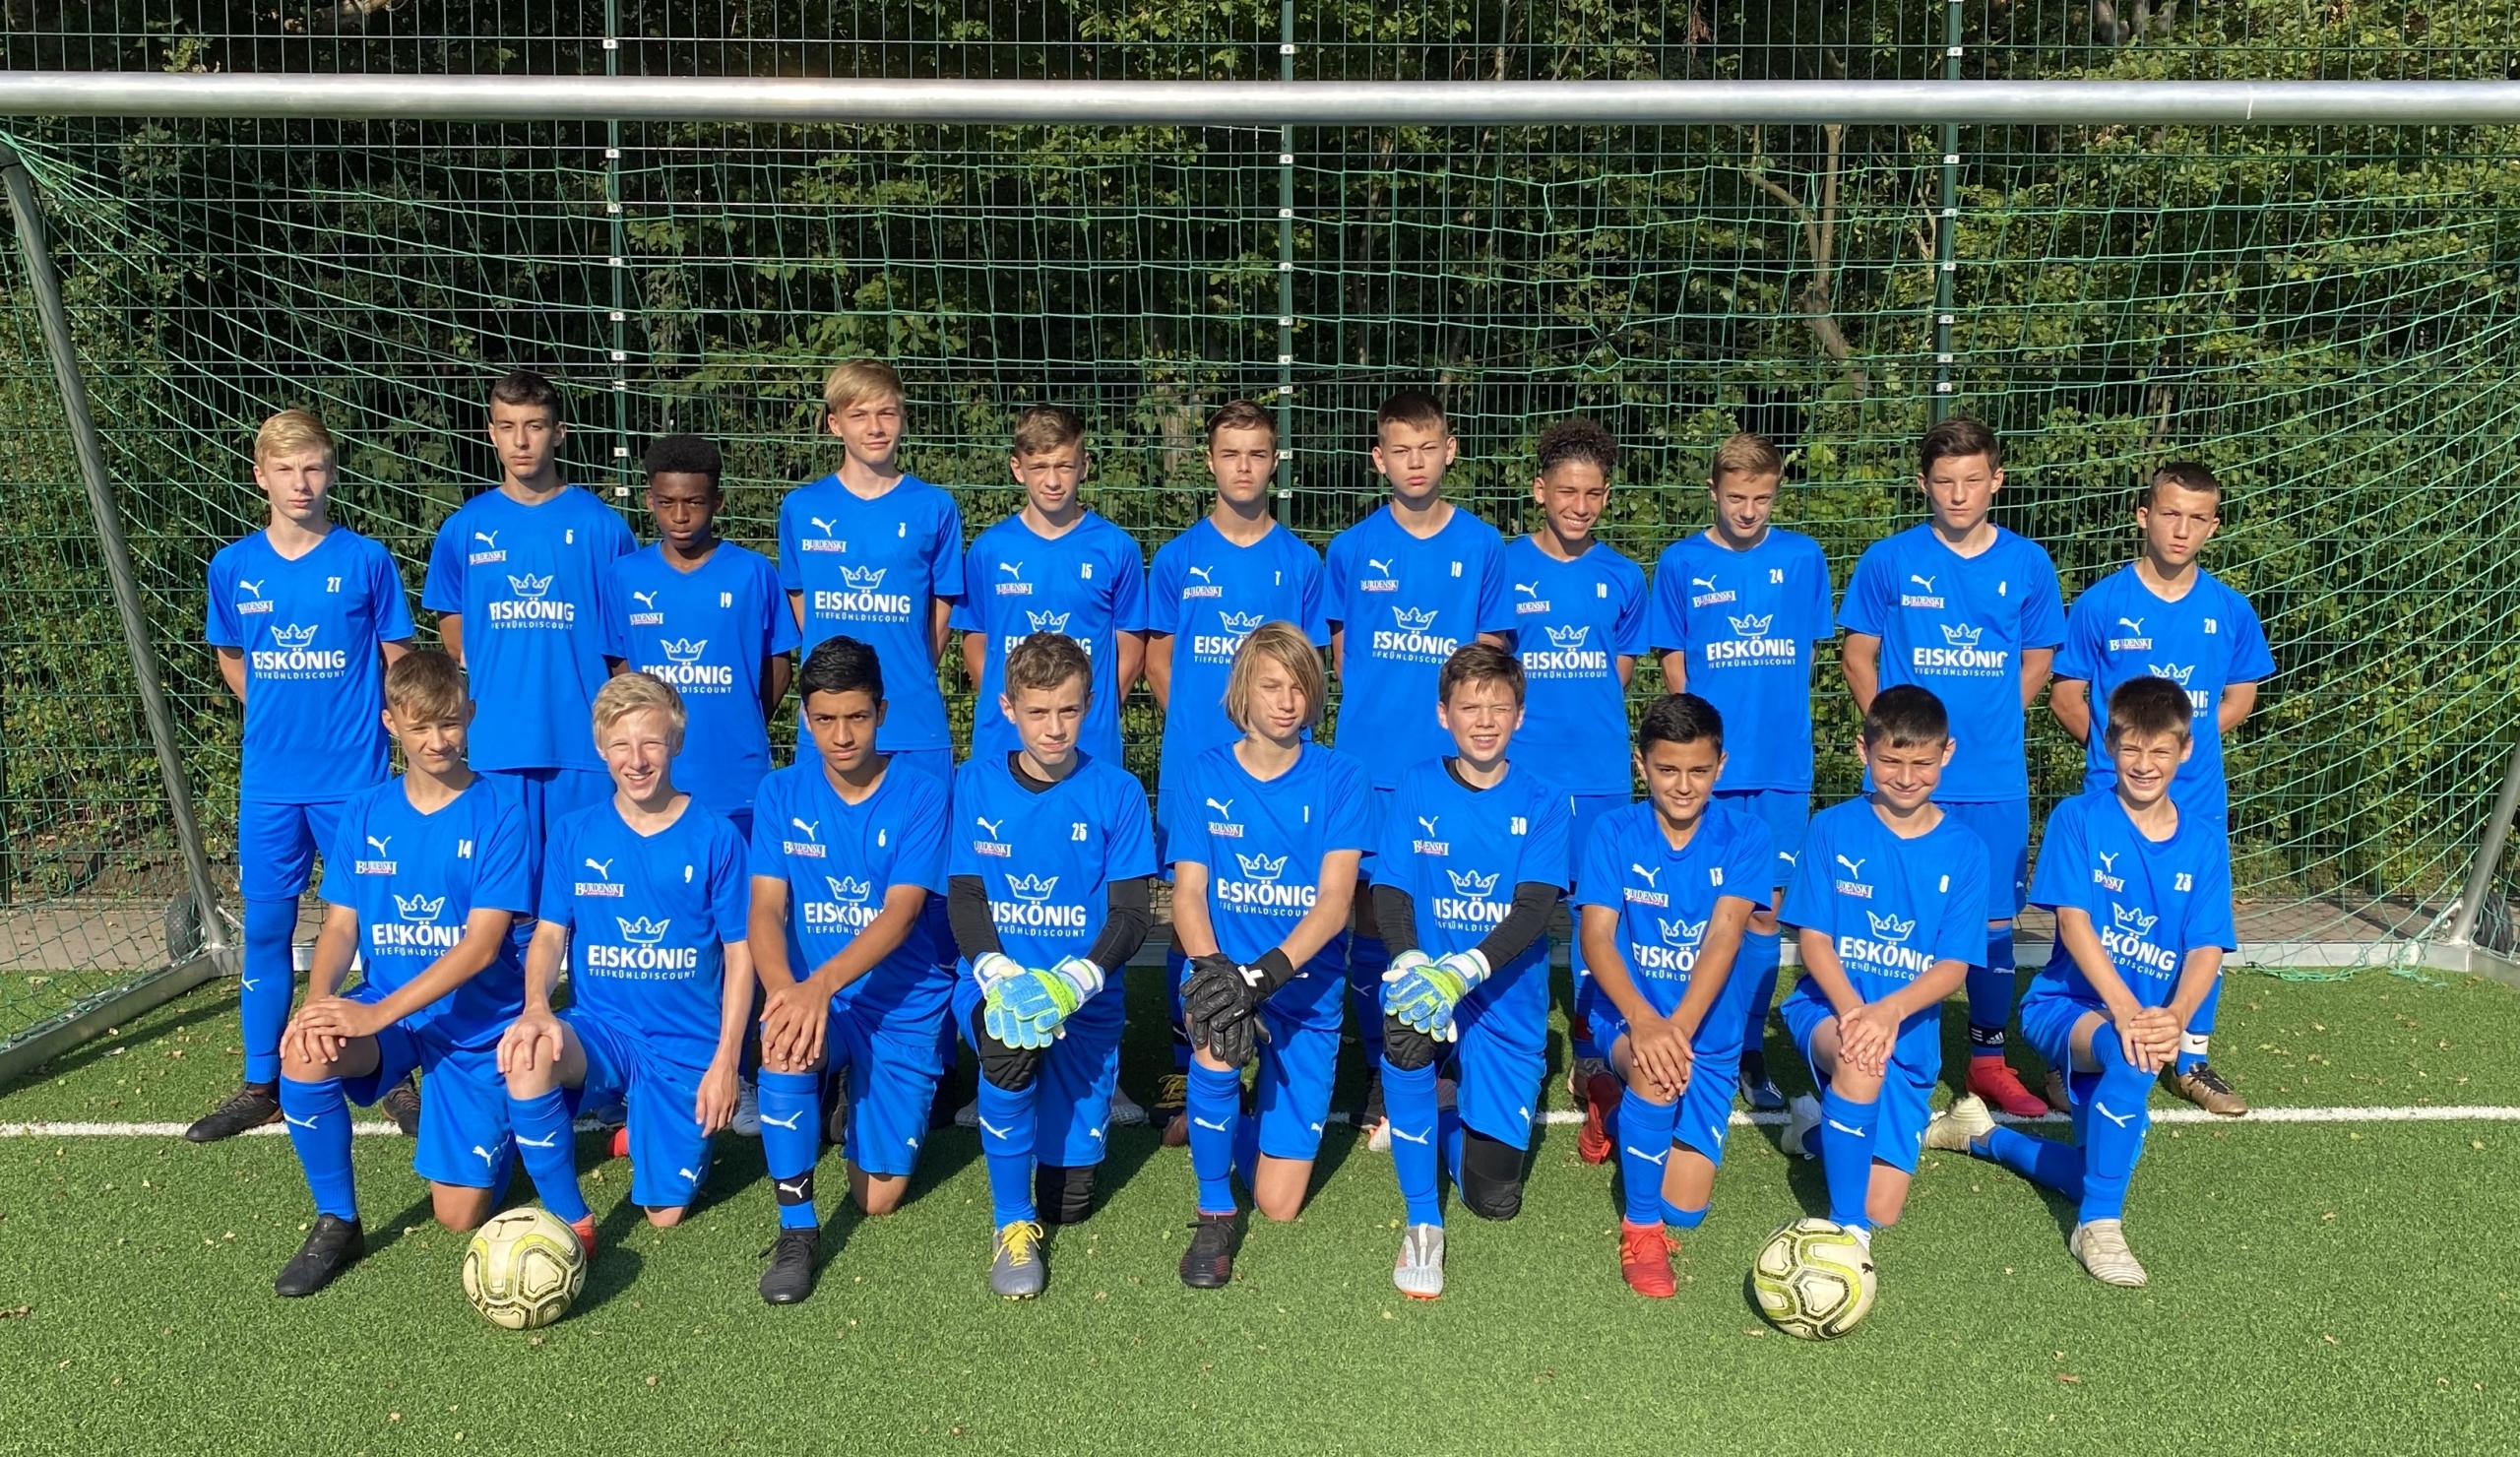 Eiskönig Sponsoring U15-Regionalligamannschaft Blumenthaler SV